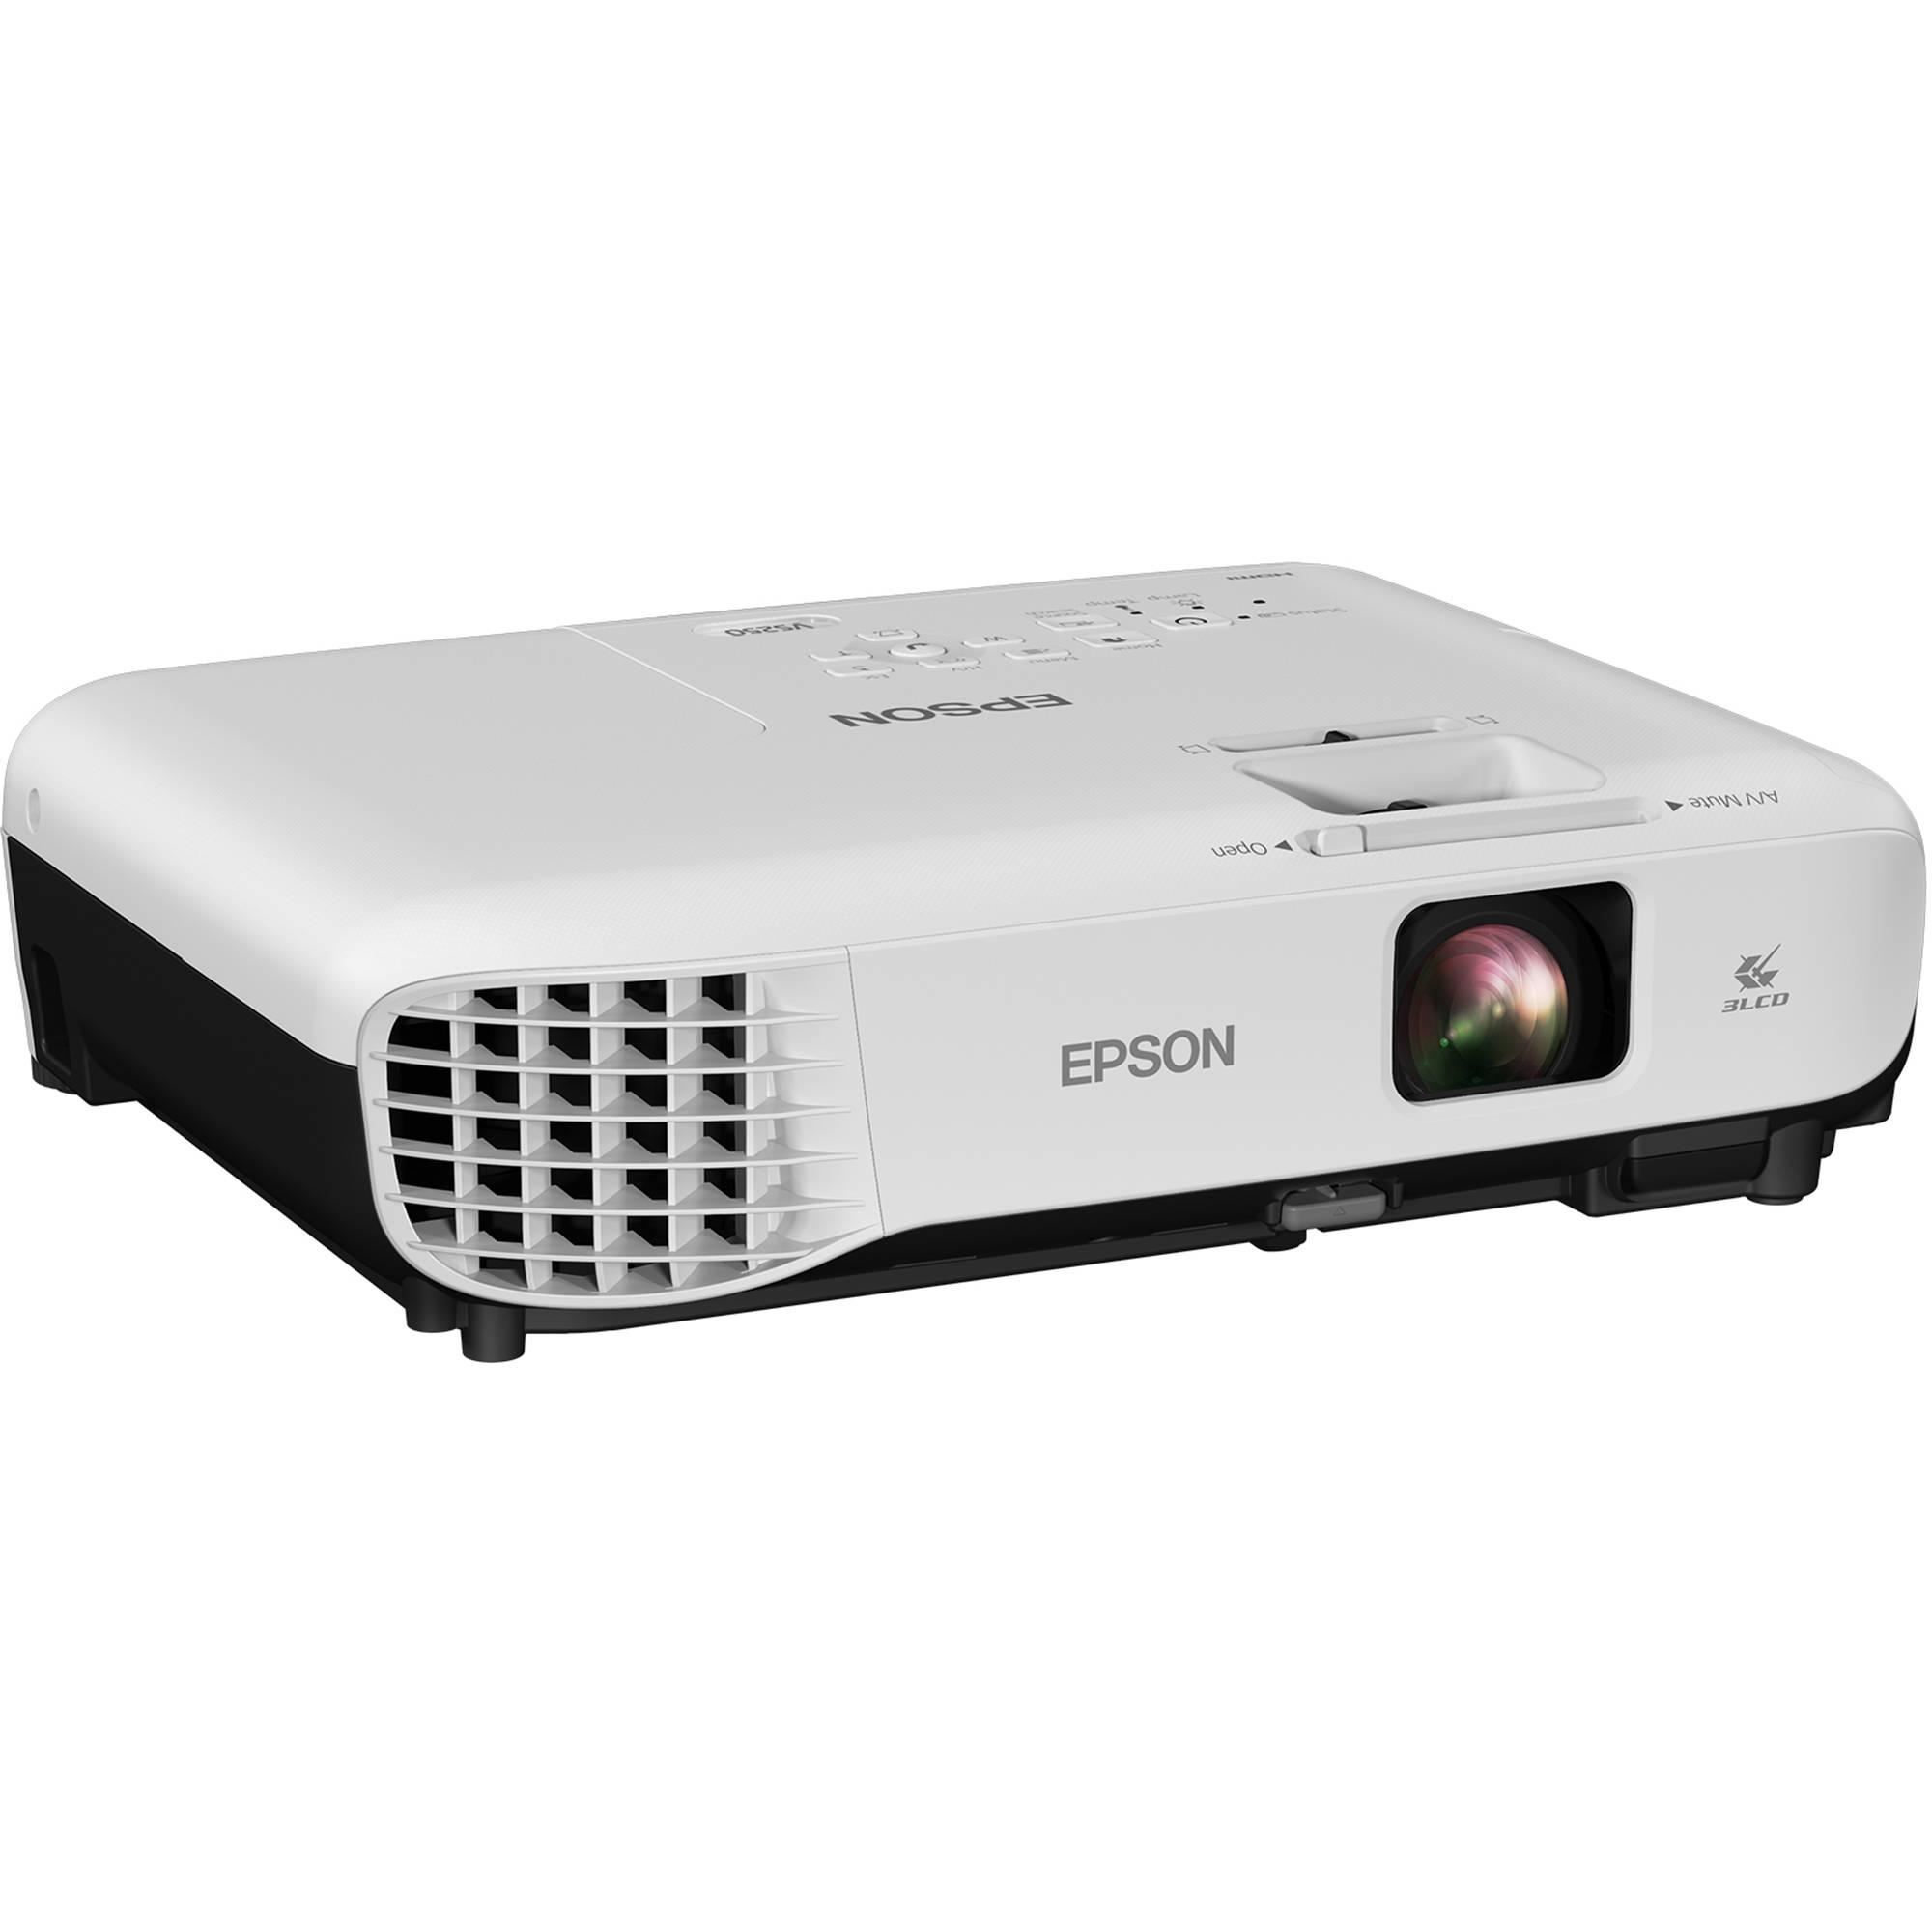 پروژکتور اپسون مدل VS250